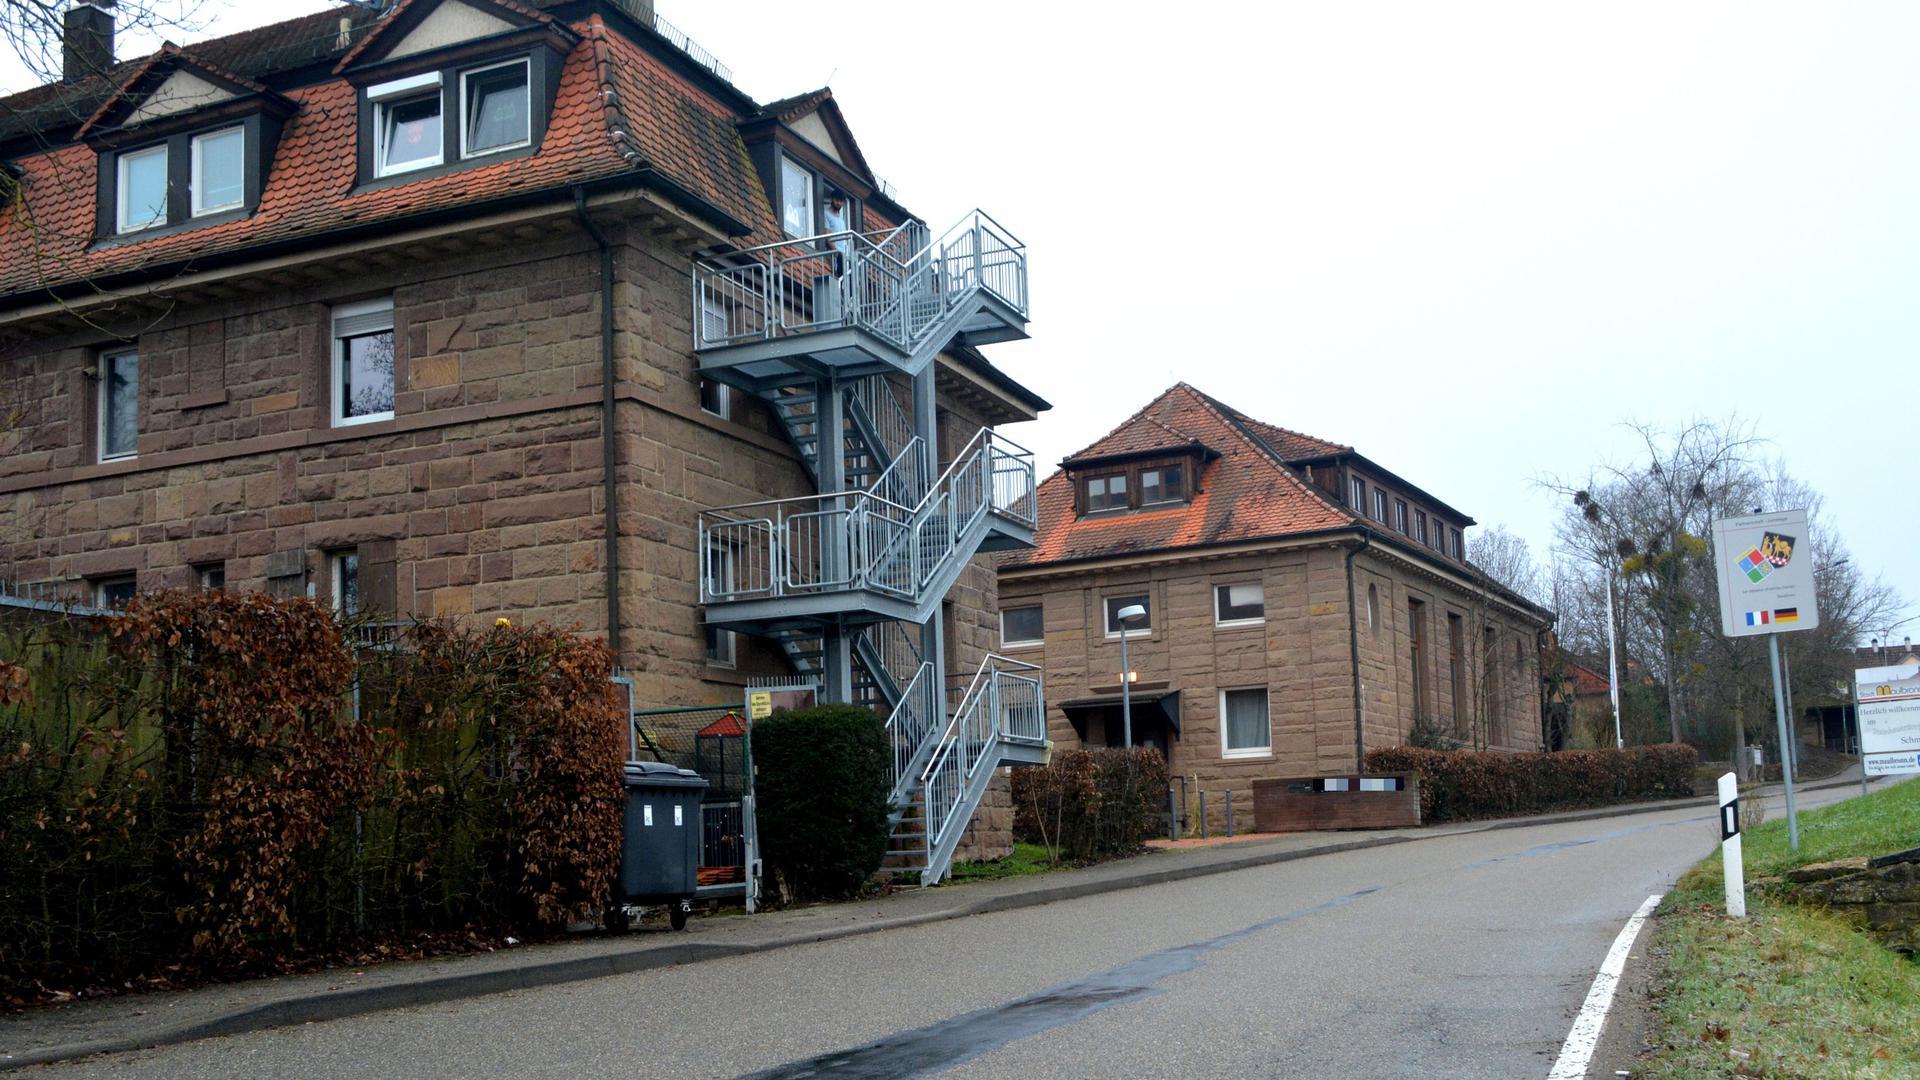 Zwei Gebäude mit Sandsteinfront. Darin waren zwei Wohngruppen für Unbegleitete Minderjährige Ausländer untergebracht.